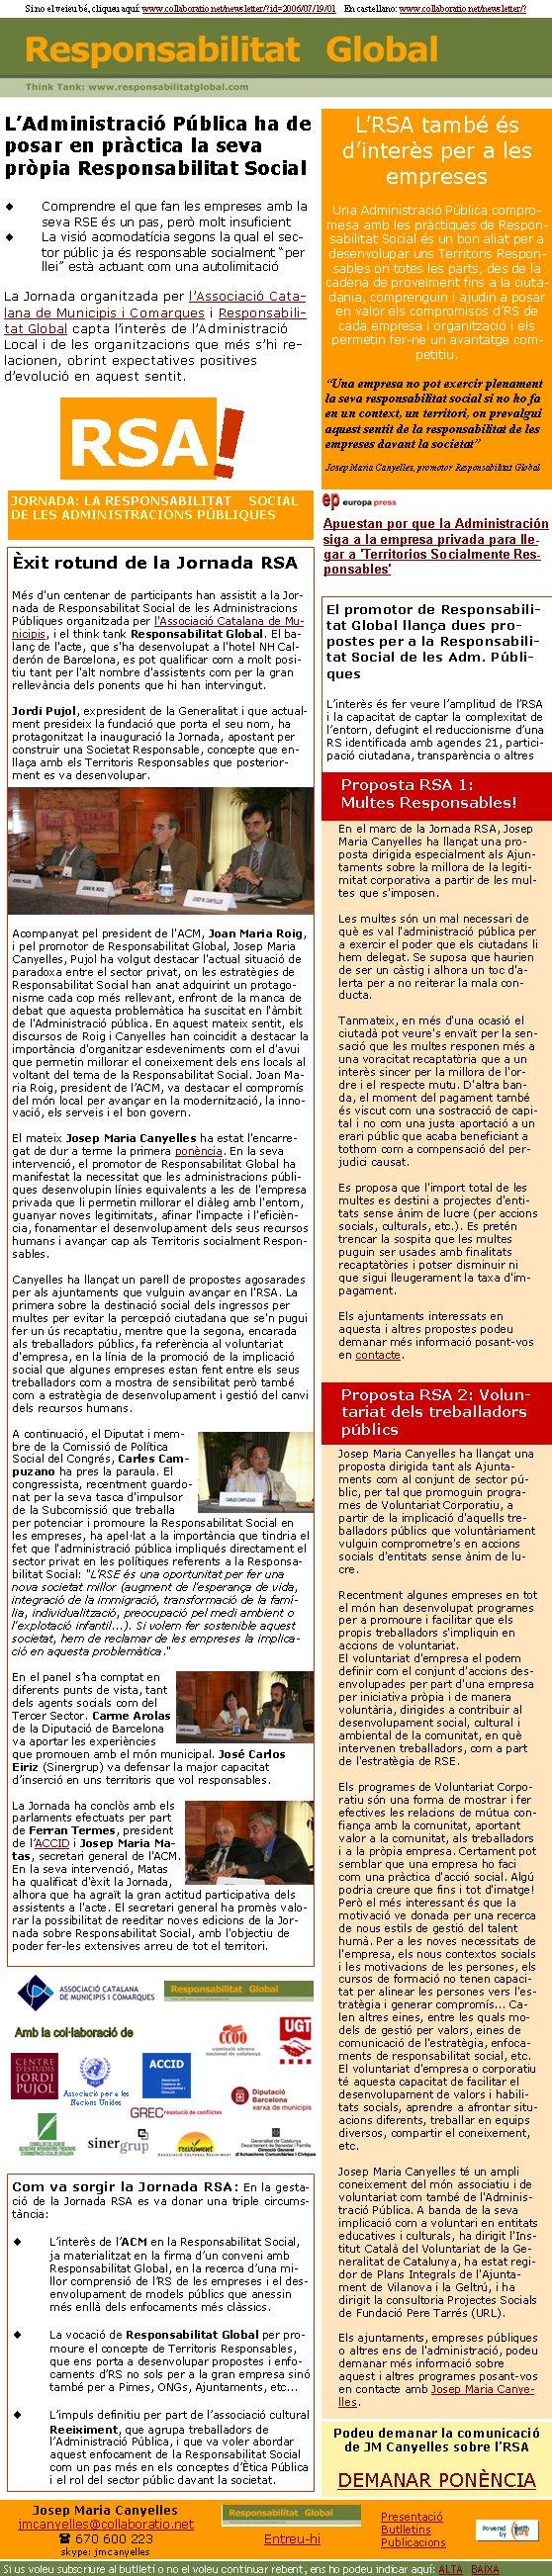 JORNADA: LA RESPONSABILITAT SOCIAL DE LES ADMINISTRACIONS PÚBLIQUESRSA!Èxit rotund de la Jornada RSAMés d'un centenar de participants han assistit a la Jornada de Responsabilitat Social de les Administracions Públiques organitzada per l'Associació Catalana de Municipis, i el think tank Responsabilitat Global. El balanç de l'acte, que s'ha desenvolupat a l'hotel NH Calderón de Barcelona, es pot qualificar com a molt positiu tant per l'alt nombre d'assistents com per la gran rellevància dels ponents que hi han intervingut.  Jordi Pujol, expresident de la Generalitat i que actualment presideix la fundació que porta el seu nom, ha protagonitzat la inauguració la Jornada, apostant per construir una Societat Responsable, concepte que enllaça amb els Territoris Responsables que posteriorment es va desenvolupar. Acompanyat pel president de l'ACM, Joan Maria Roig, i pel promotor de Responsabilitat Global, Josep Maria Canyelles, Pujol ha volgut destacar l'actual situació de paradoxa entre el sector privat, on les estratègies de Responsabilitat Social han anat adquirint un protagonisme cada cop més rellevant, enfront de la manca de debat que aquesta problemàtica ha suscitat en l'àmbit de l'Administració pública. En aquest mateix sentit, els discursos de Roig i Canyelles han coincidit a destacar la importància d'organitzar esdeveniments com el d'avui que permetin millorar el coneixement dels ens locals al voltant del tema de la Responsabilitat Social. Joan Maria Roig, president de l'ACM, va destacar el compromís del món local per avançar en la modernització, la innovació, els serveis i el bon govern. El mateix Josep Maria Canyelles ha estat l'encarregat de dur a terme la primera ponència. En la seva intervenció, el promotor de Responsabilitat Global ha manifestat la necessitat que les administracions públiques desenvolupin línies equivalents a les de l'empresa privada que li permetin millorar el diàleg amb l'entorn, guanyar noves legitimitats, afinar l'impacte i l'eficiència, f